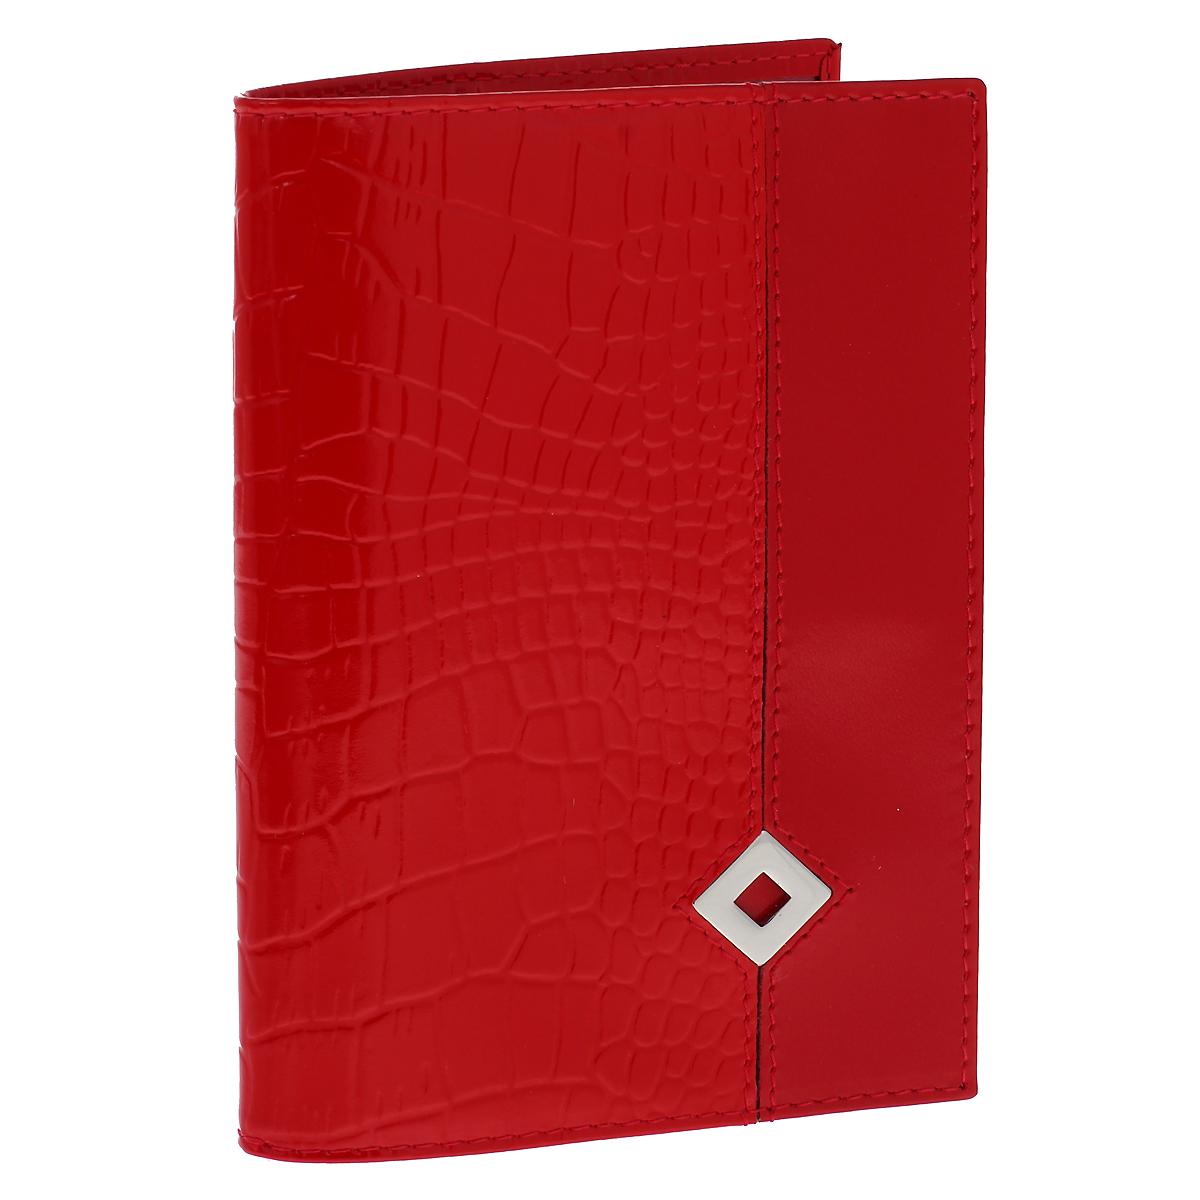 Обложка для паспорта Dimanche Papillon Rouge, цвет: красный. 330330Обложка для паспорта Dimanche Papillon Rouge изготовлена из натуральной кожи красного цвета с декоративным тиснением под рептилию. Обложка украшена металлическим значком в виде ромба. Внутри обложка отделана атласным текстилем красного цвета с рисунком. На внутреннем развороте содержится два кармана из прозрачного пластика. Стильная обложка не только защитит ваши документы, но и станет стильным аксессуаром, подчеркивающим ваш образ. Изделие упаковано в фирменную коробку коричневого цвета с логотипом фирмы Dimanche.